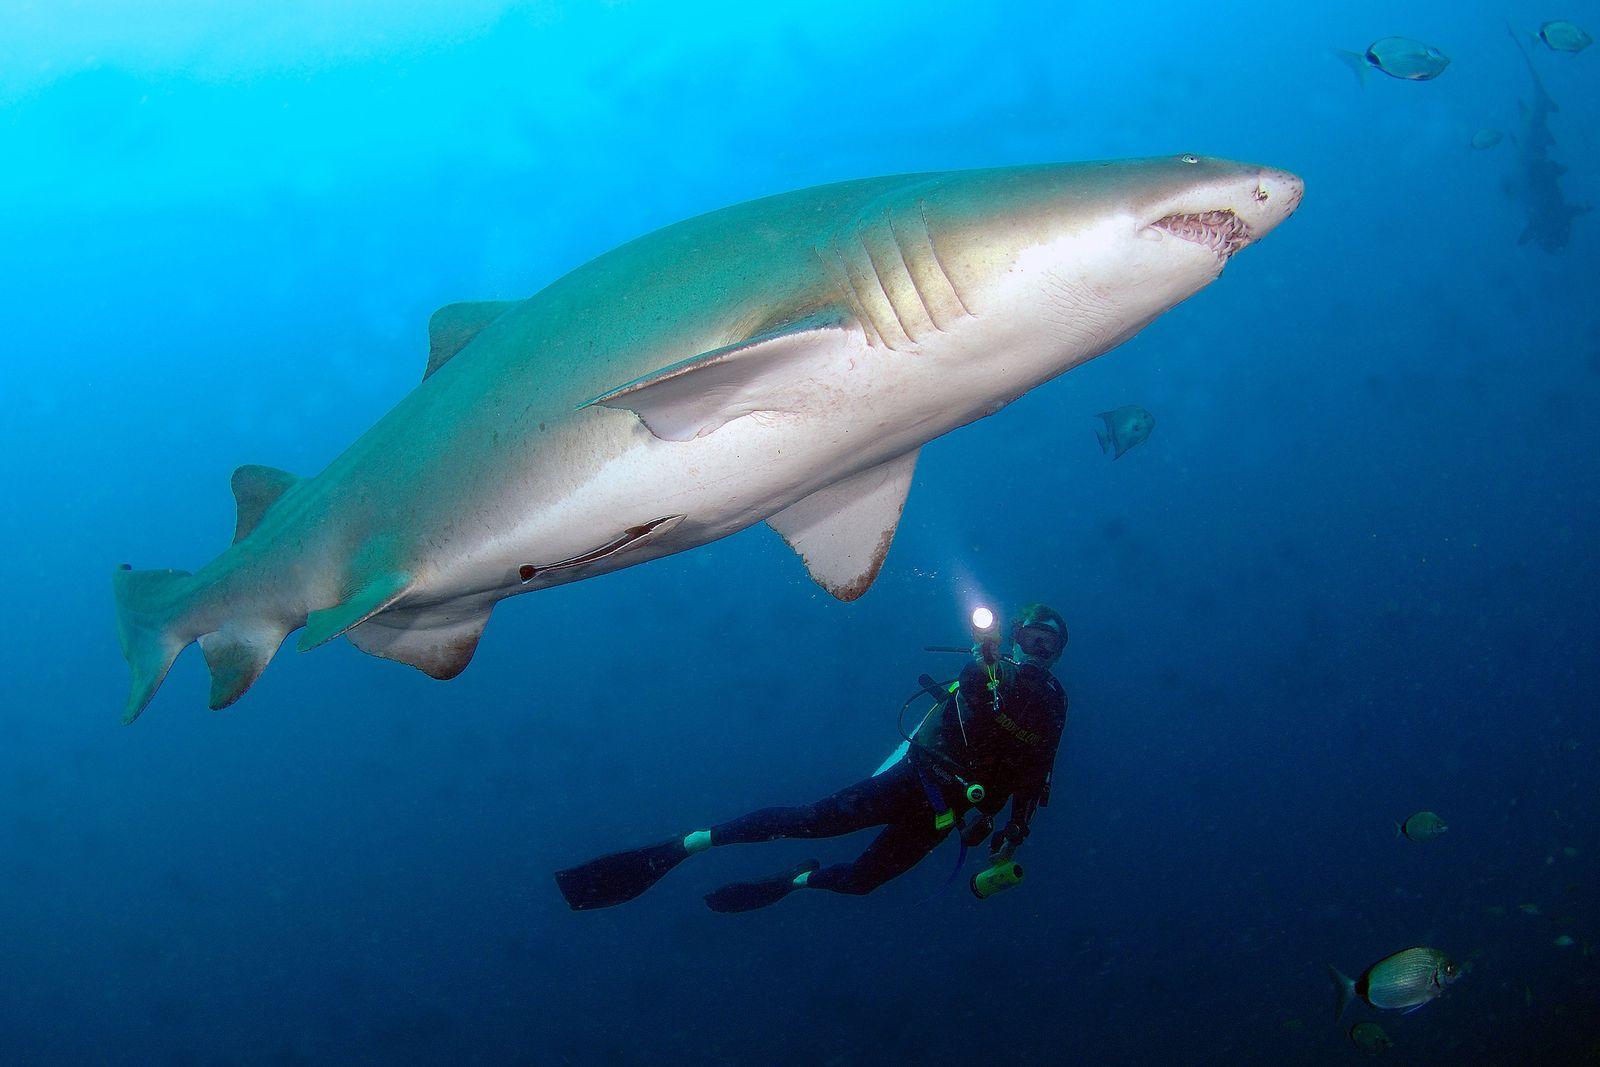 Tiburón toro y buceador